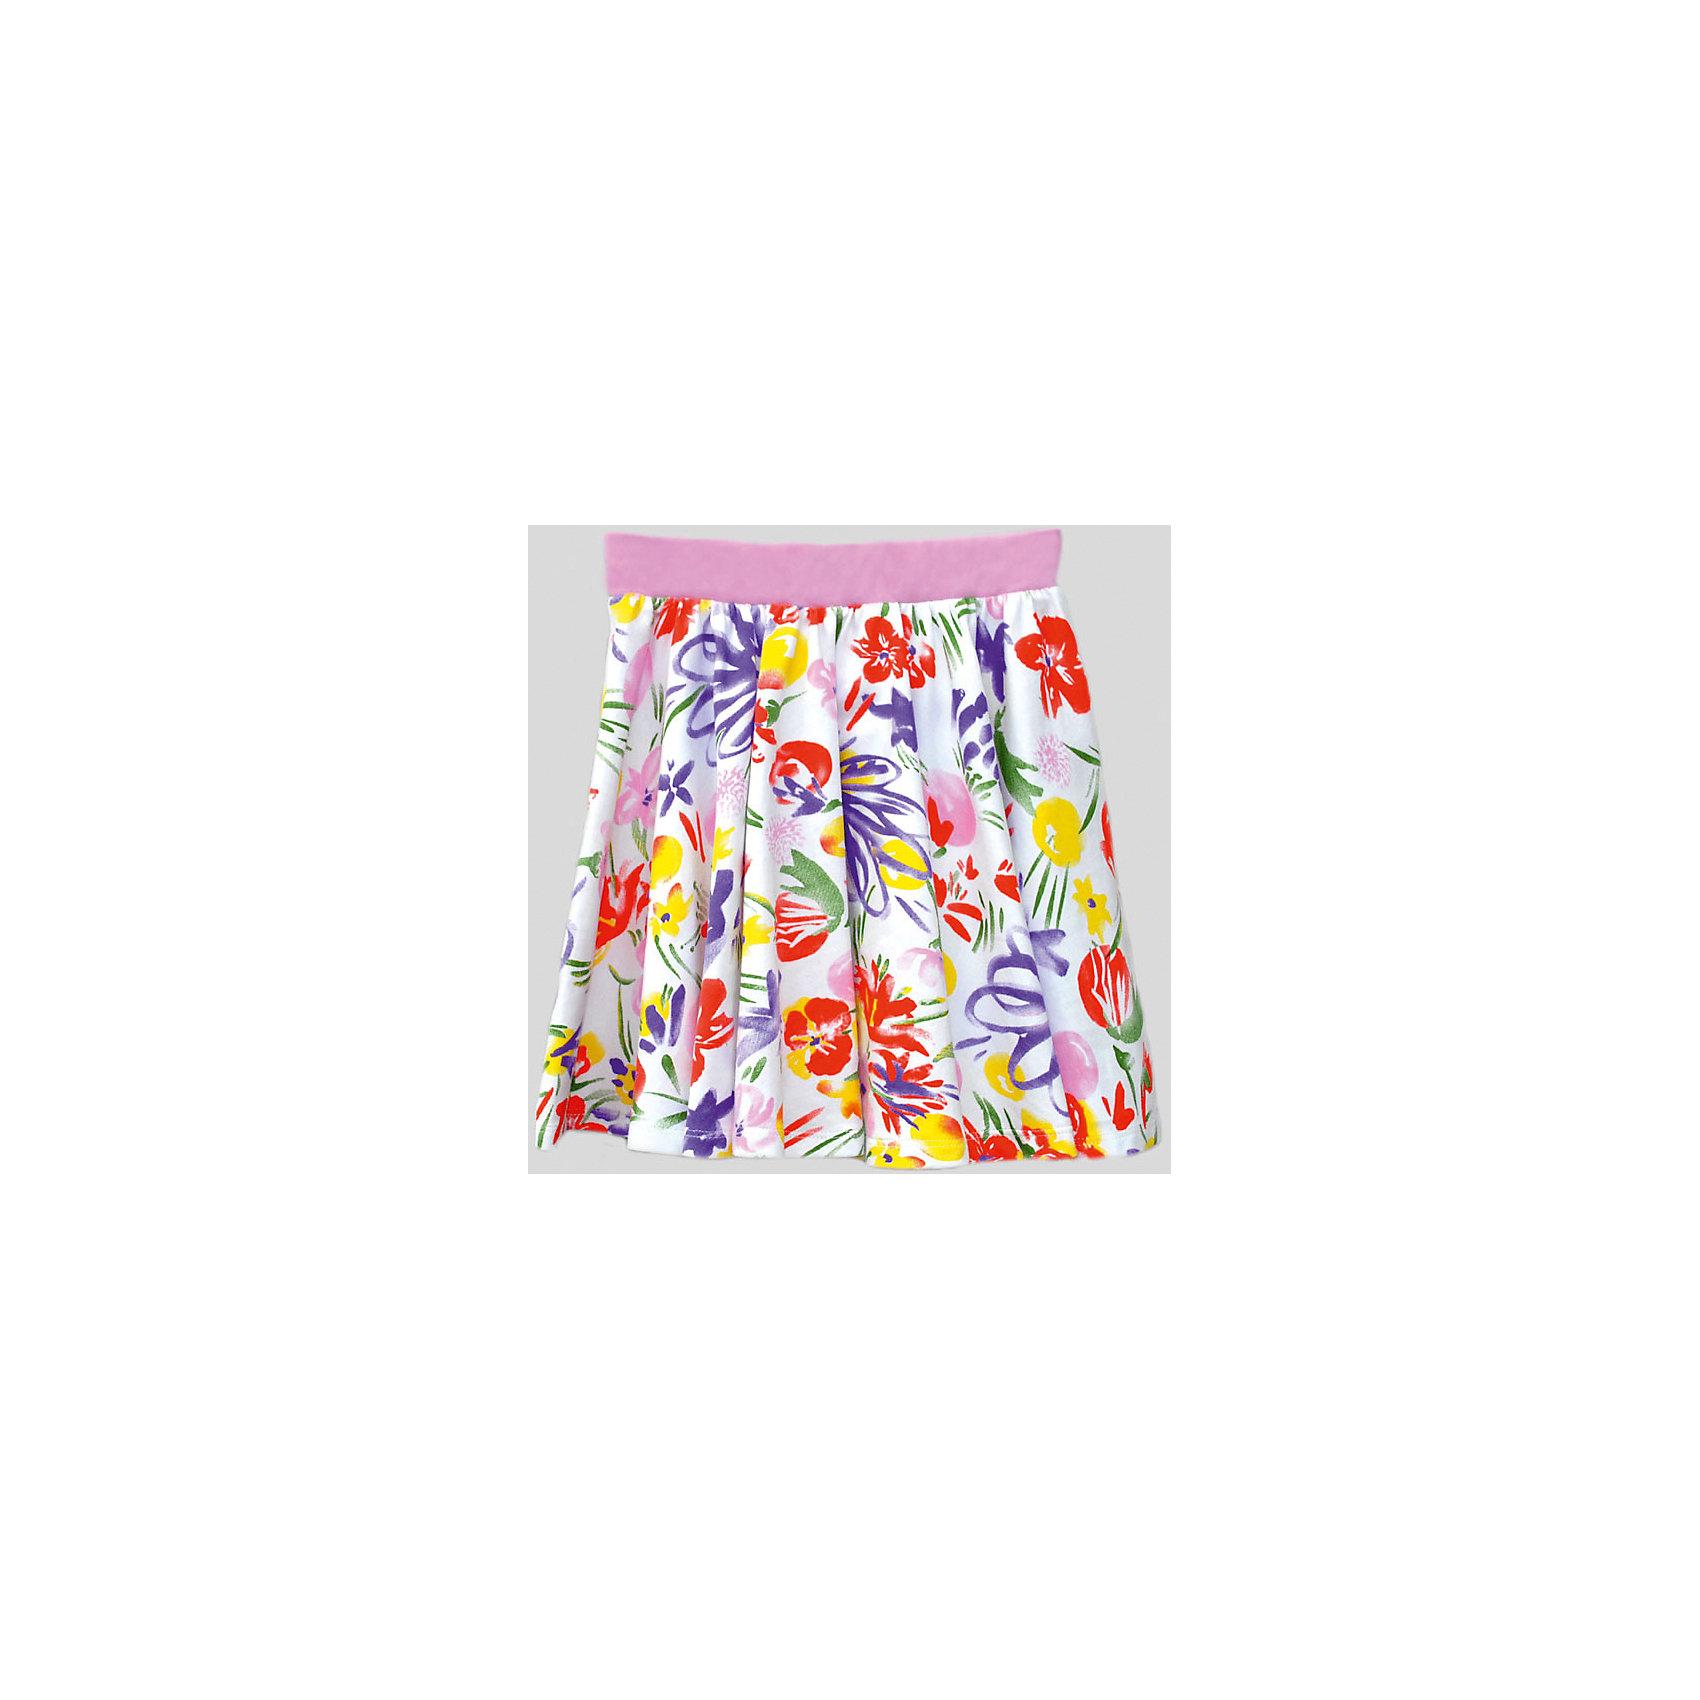 Юбка  для девочки GoldyЮбка  для девочки от известного бренда Goldy<br>Юбка-солнце для девочки из принтованной ткани и с широким поясом розового цвета<br>Состав:<br>96%хлопок, 4%эластан<br><br>Ширина мм: 207<br>Глубина мм: 10<br>Высота мм: 189<br>Вес г: 183<br>Цвет: разноцветный<br>Возраст от месяцев: 36<br>Возраст до месяцев: 48<br>Пол: Женский<br>Возраст: Детский<br>Размер: 104,98,92,122,116,110<br>SKU: 4757289